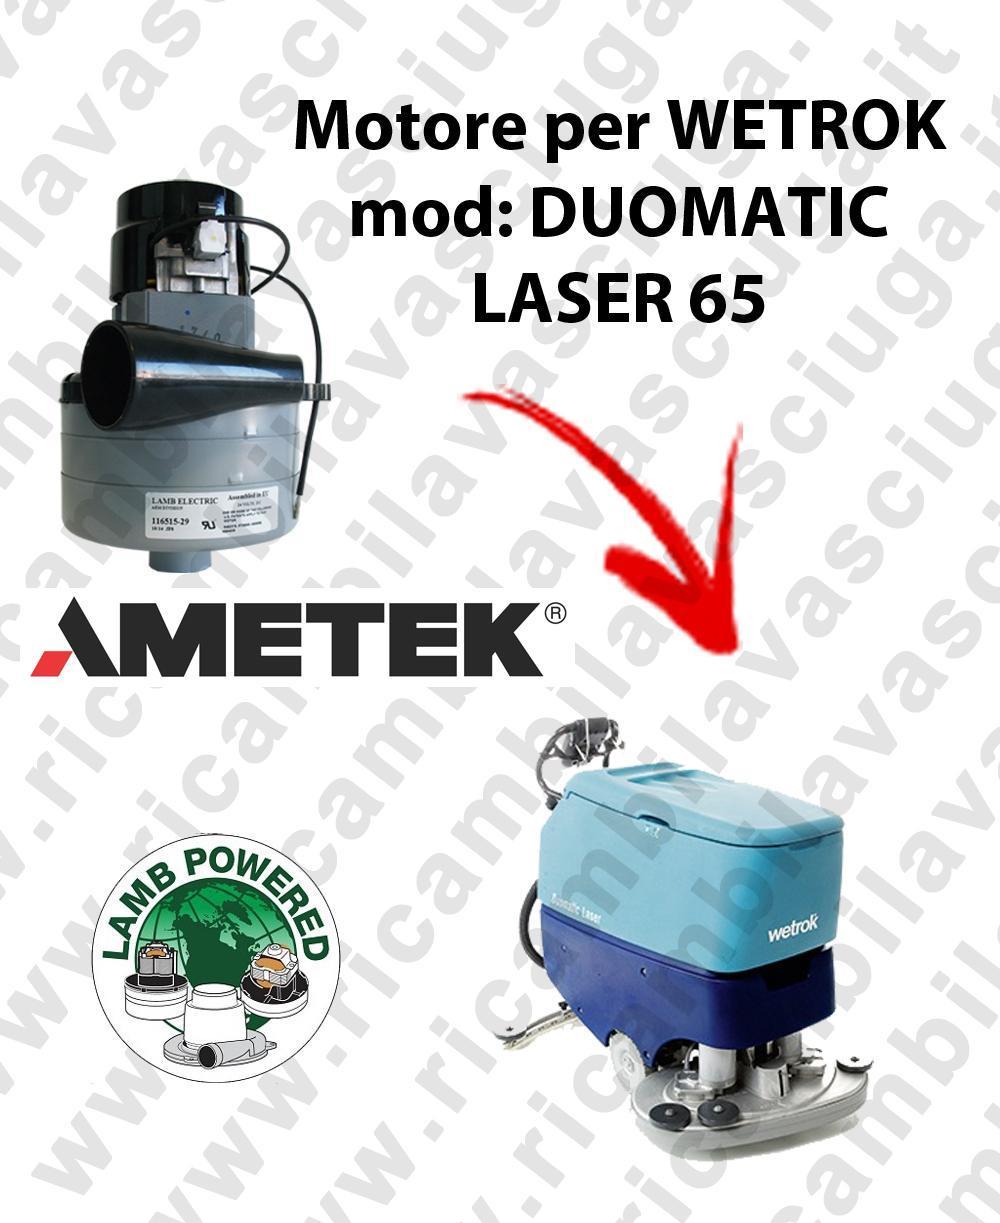 DUOMATIC LASER 65 LAMB AMETEK vacuum motor for scrubber dryer WETROK